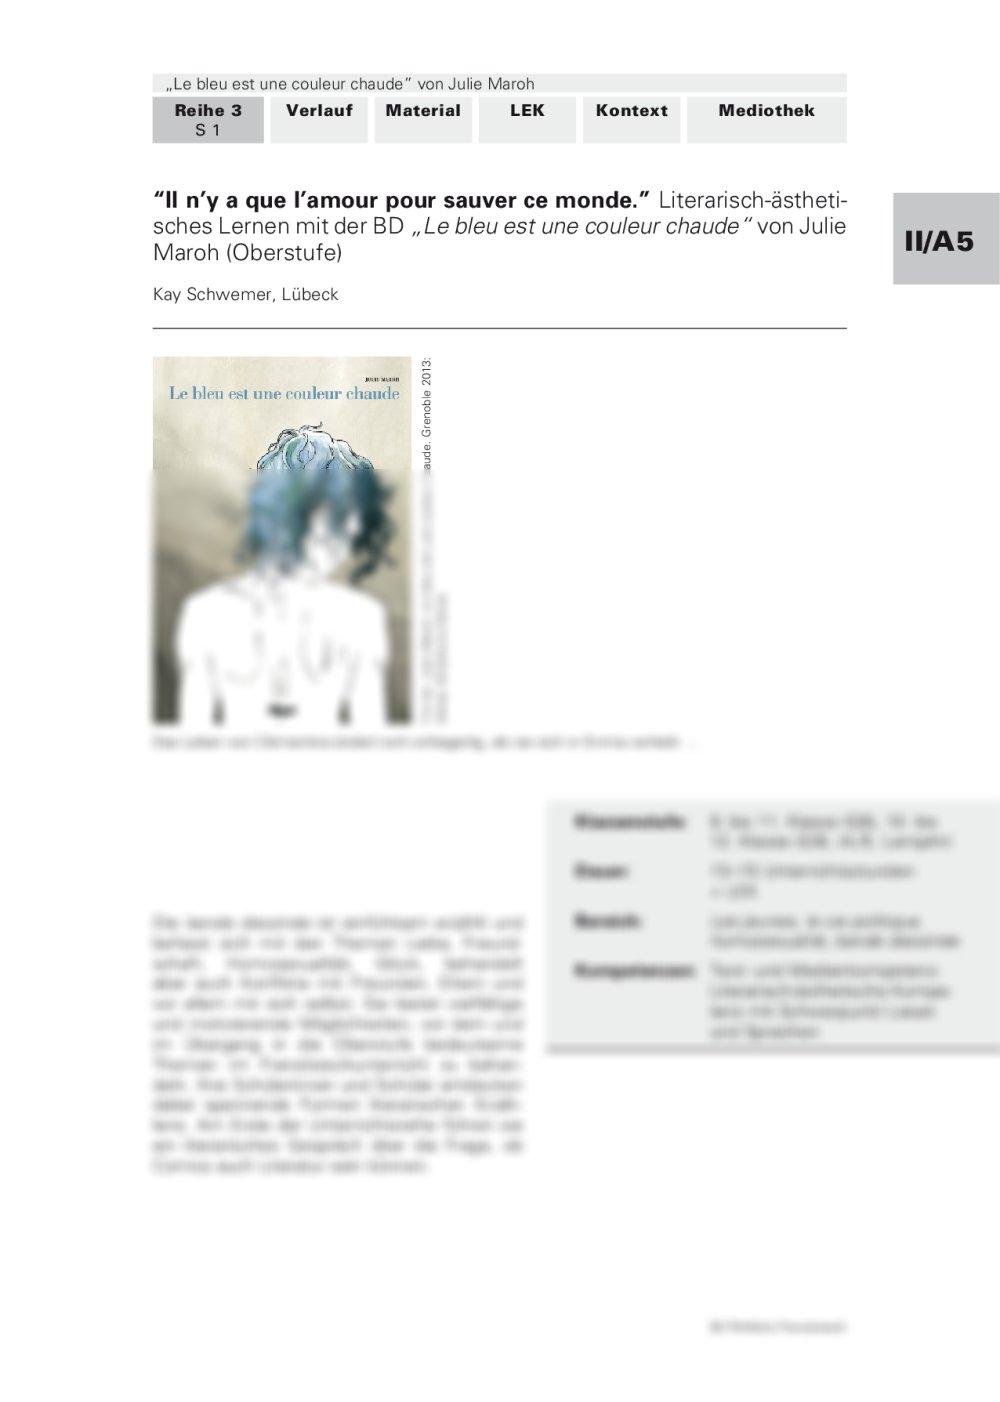 """Literarisch-ästhetisches Lernen mit """"Le bleu est une couleur chaude"""" von Julie Maroh - Seite 1"""